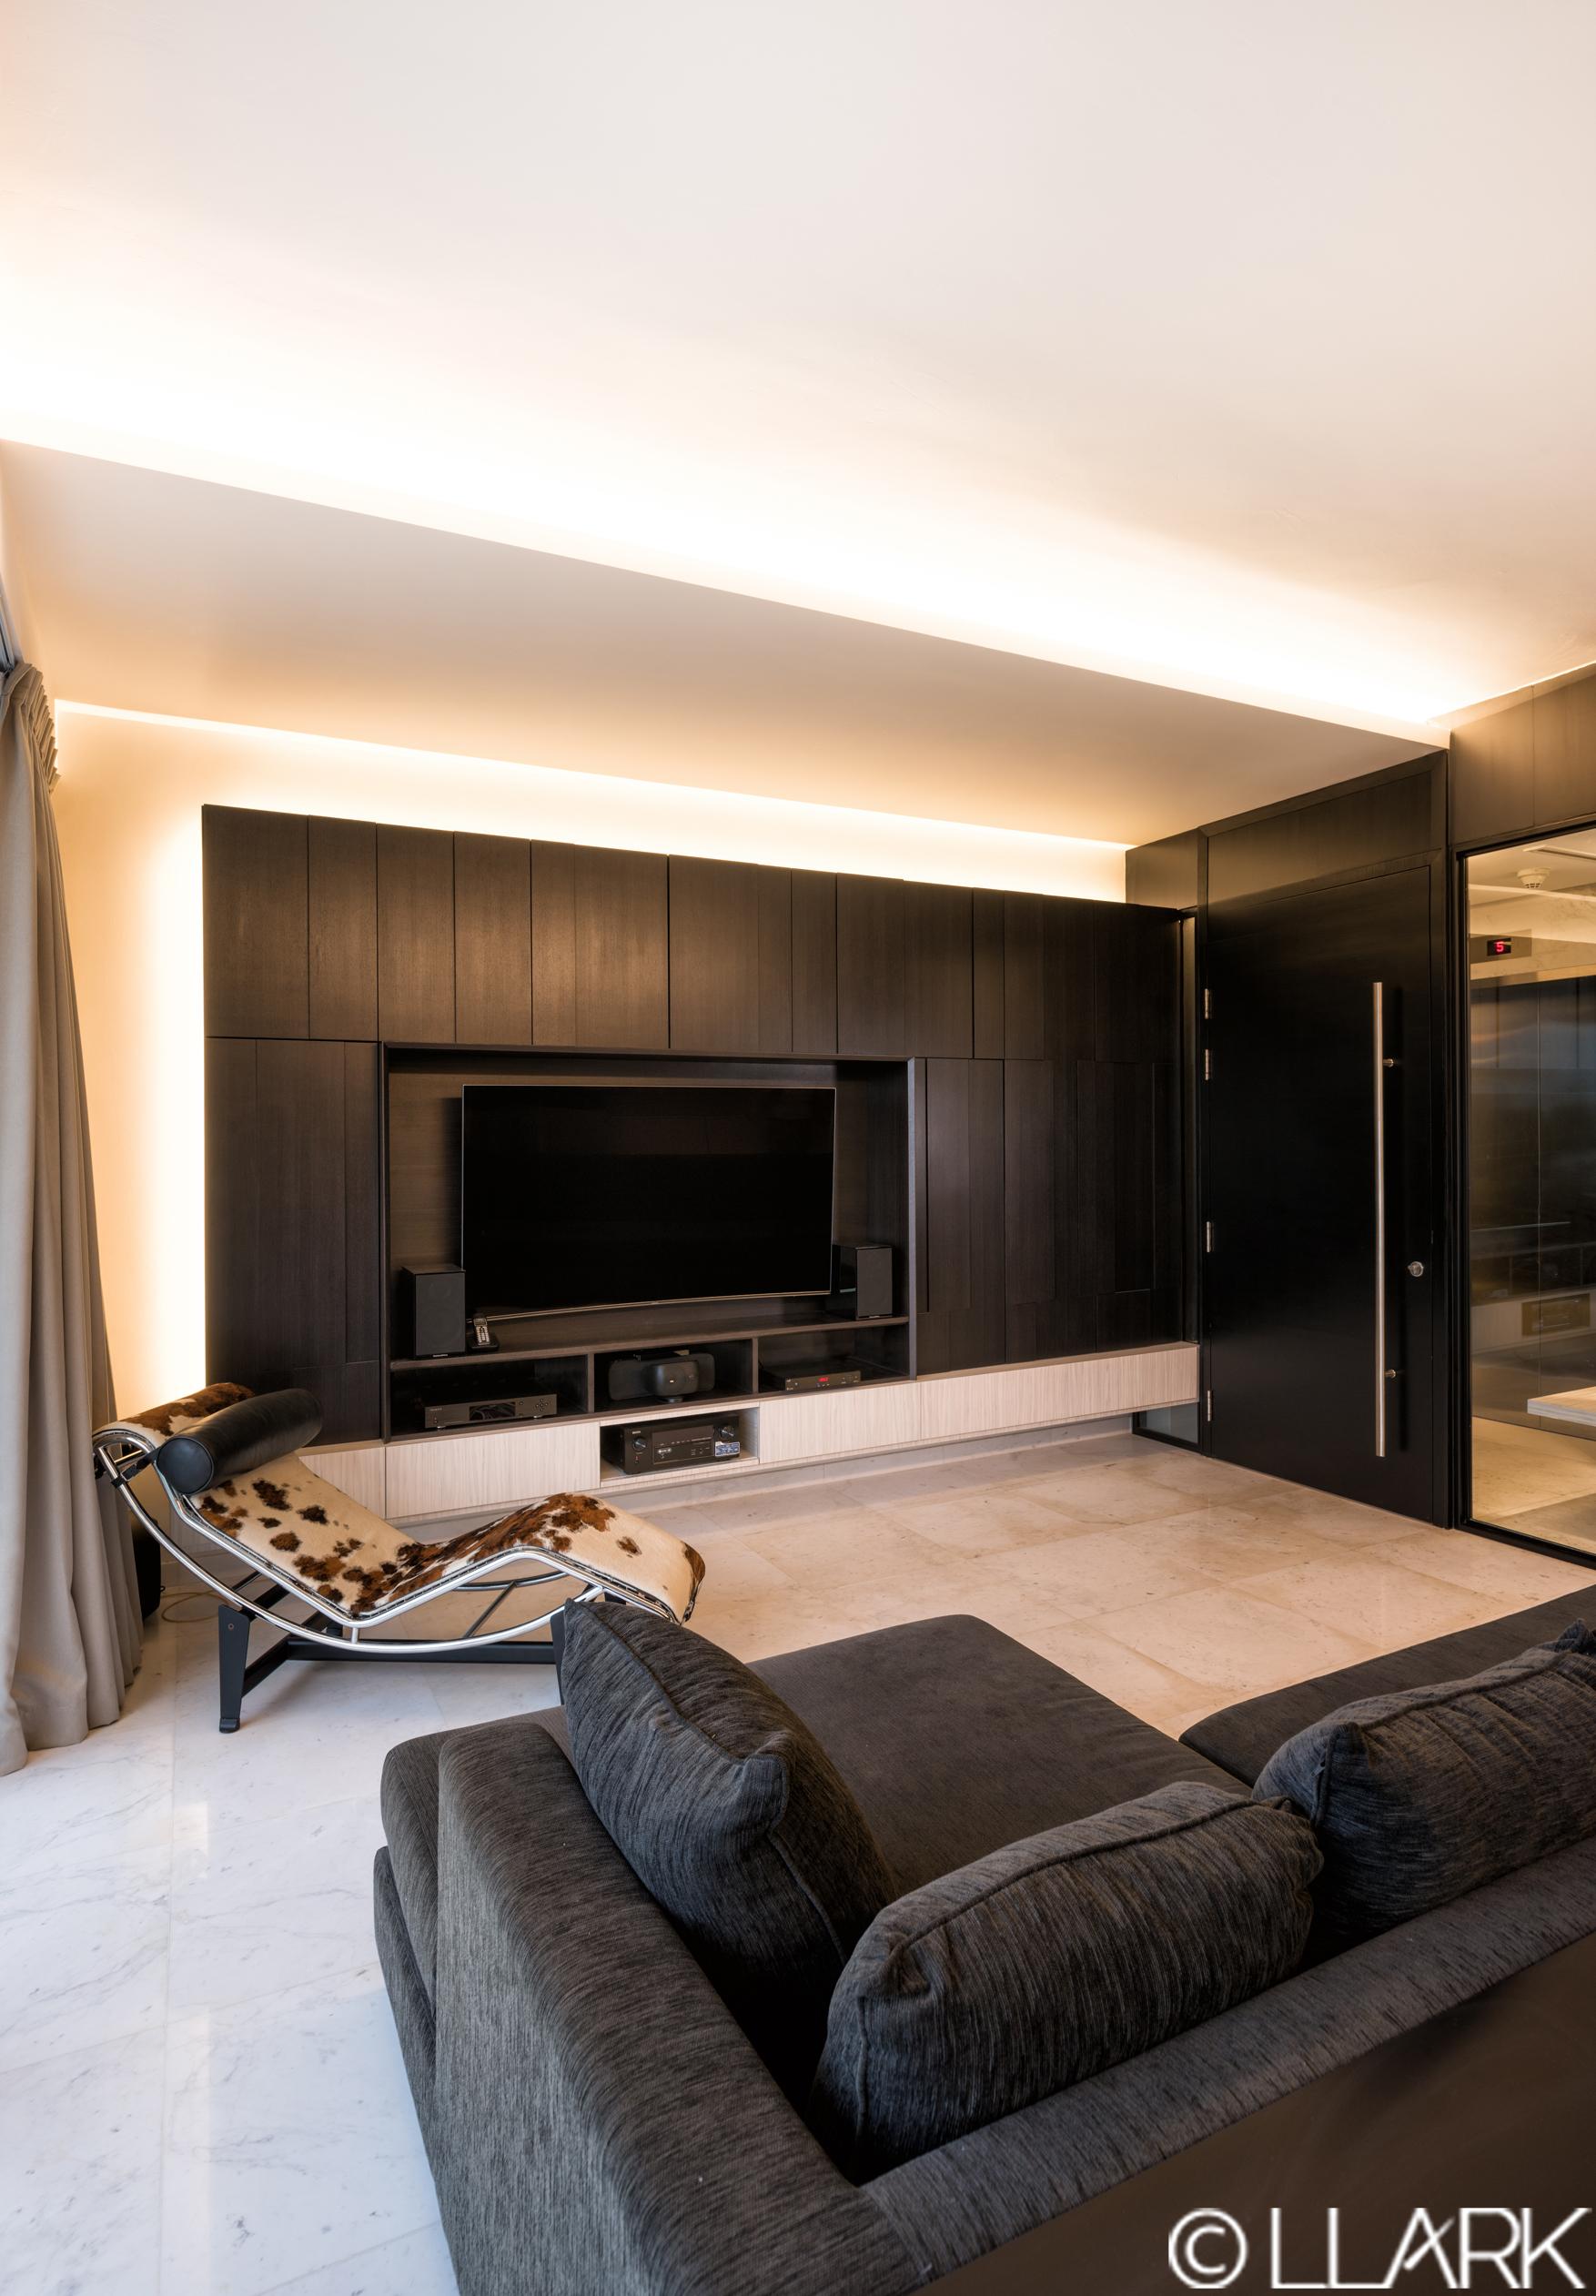 LLARK_AALTO_Living Room_R.jpg